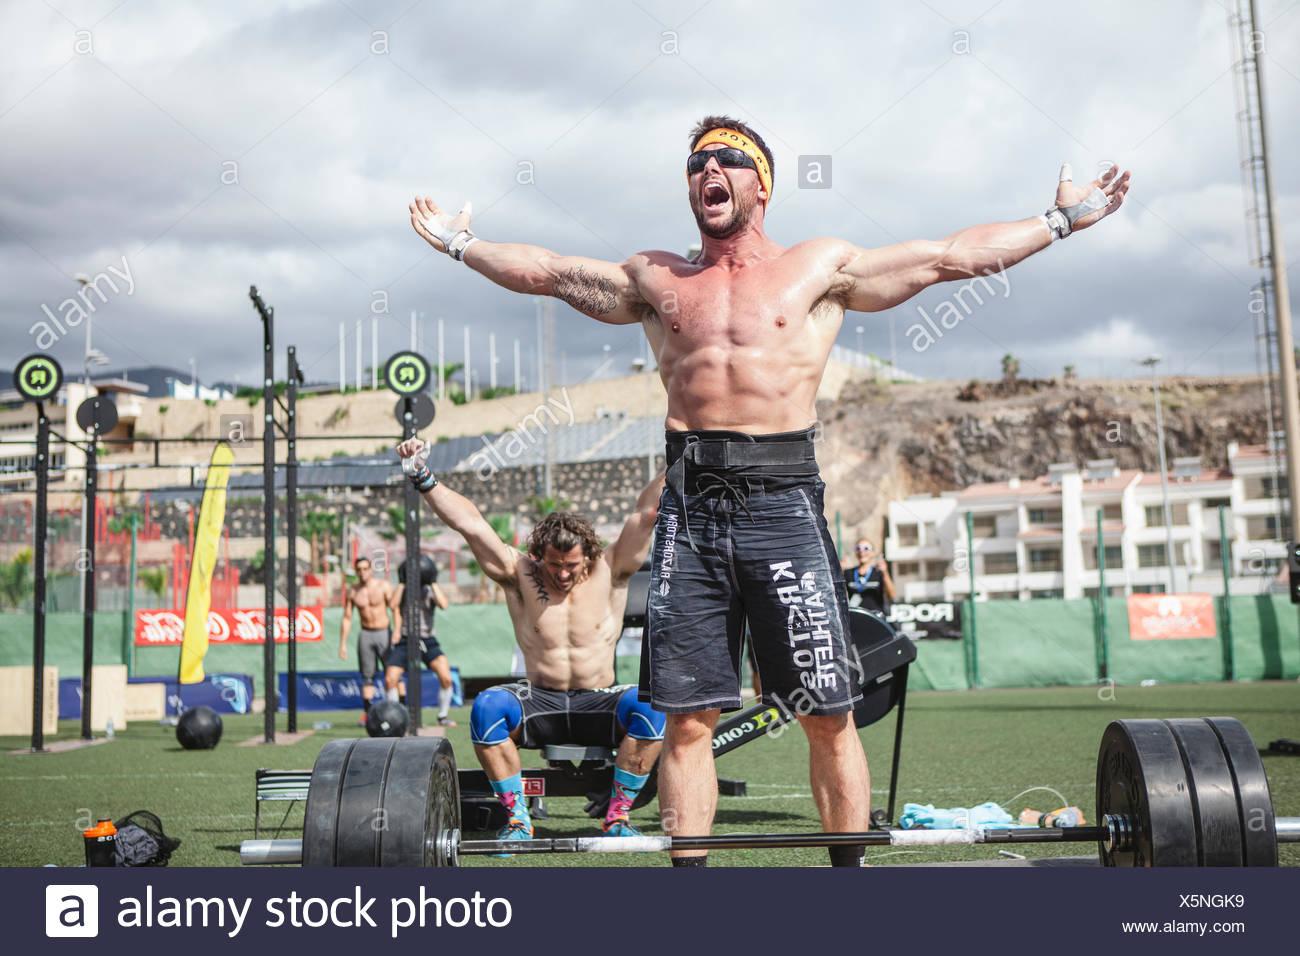 Descamisados muscular de los atletas del equipo de halterofilia gritando de alegría tras ganar la competencia,tenerife,islas canarias,spain Imagen De Stock